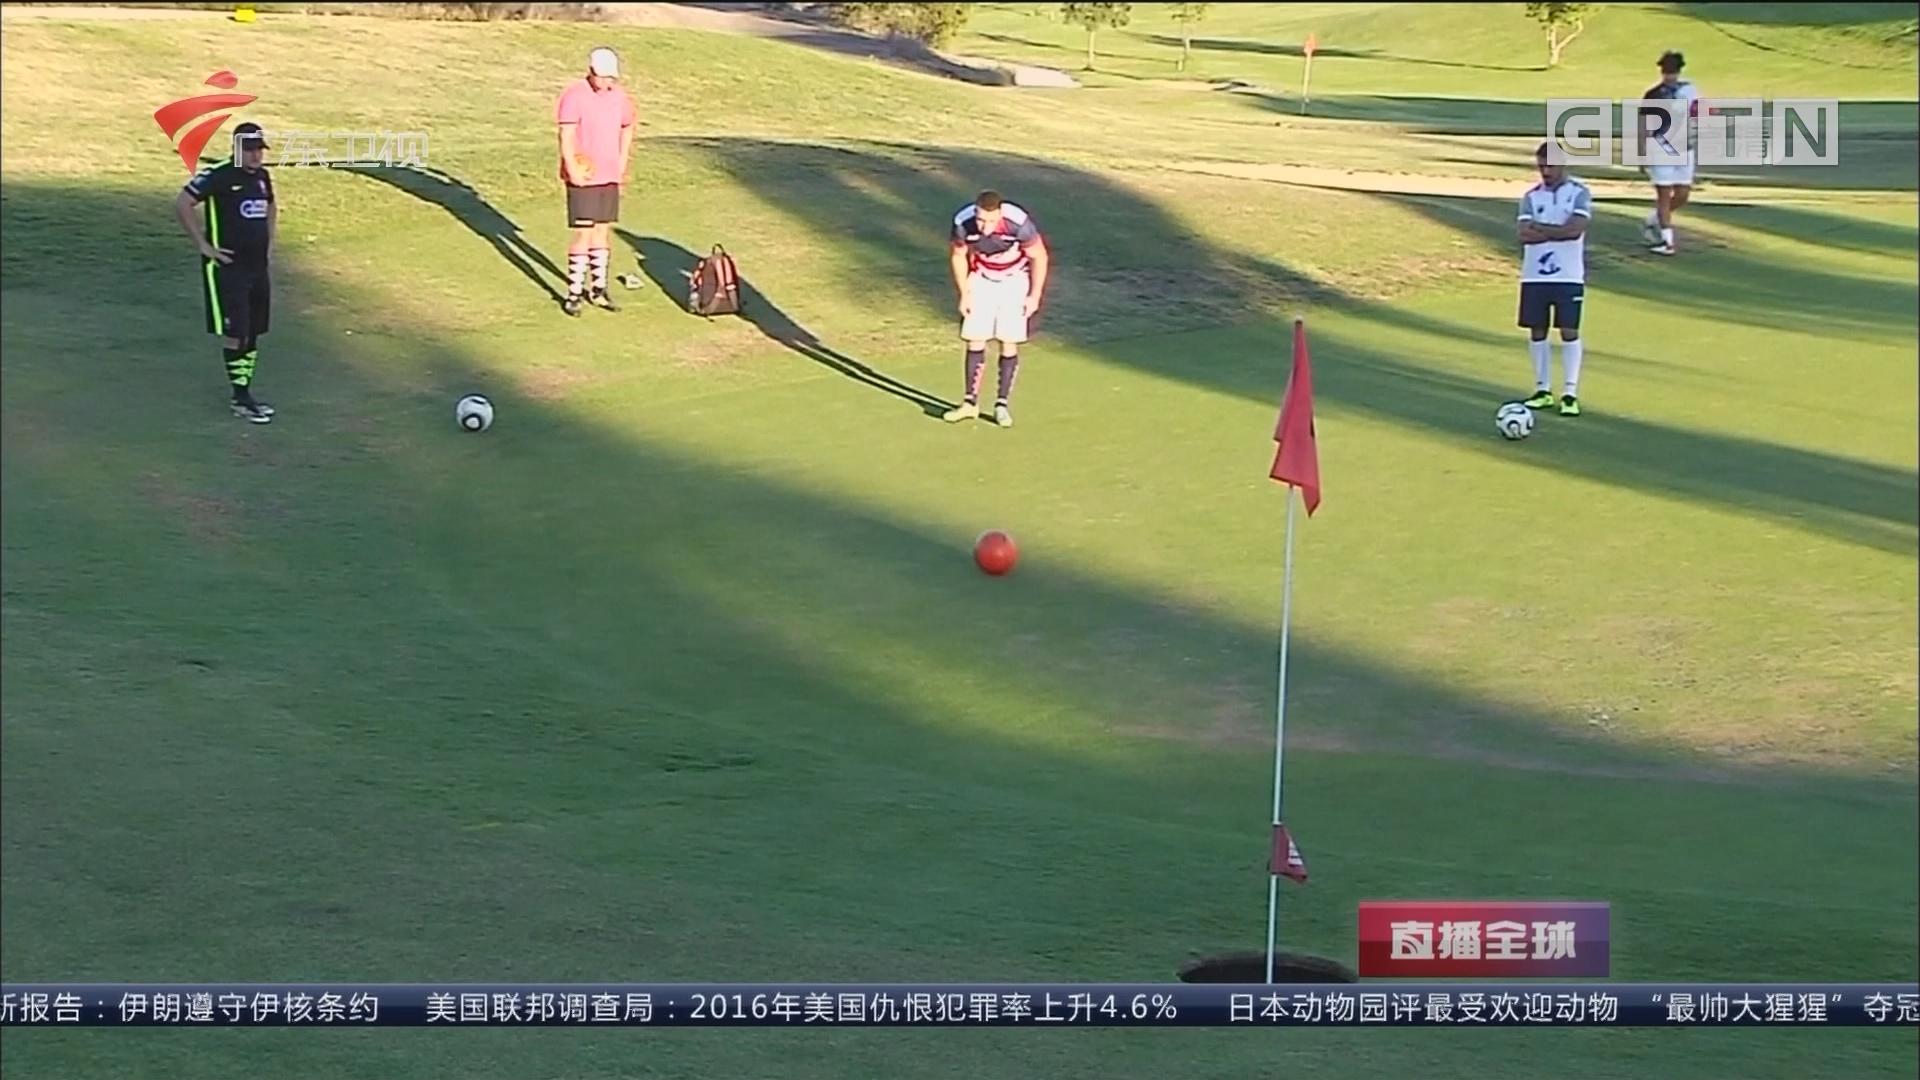 新型混合运动:足球高尔夫 英国选手总决赛夺冠